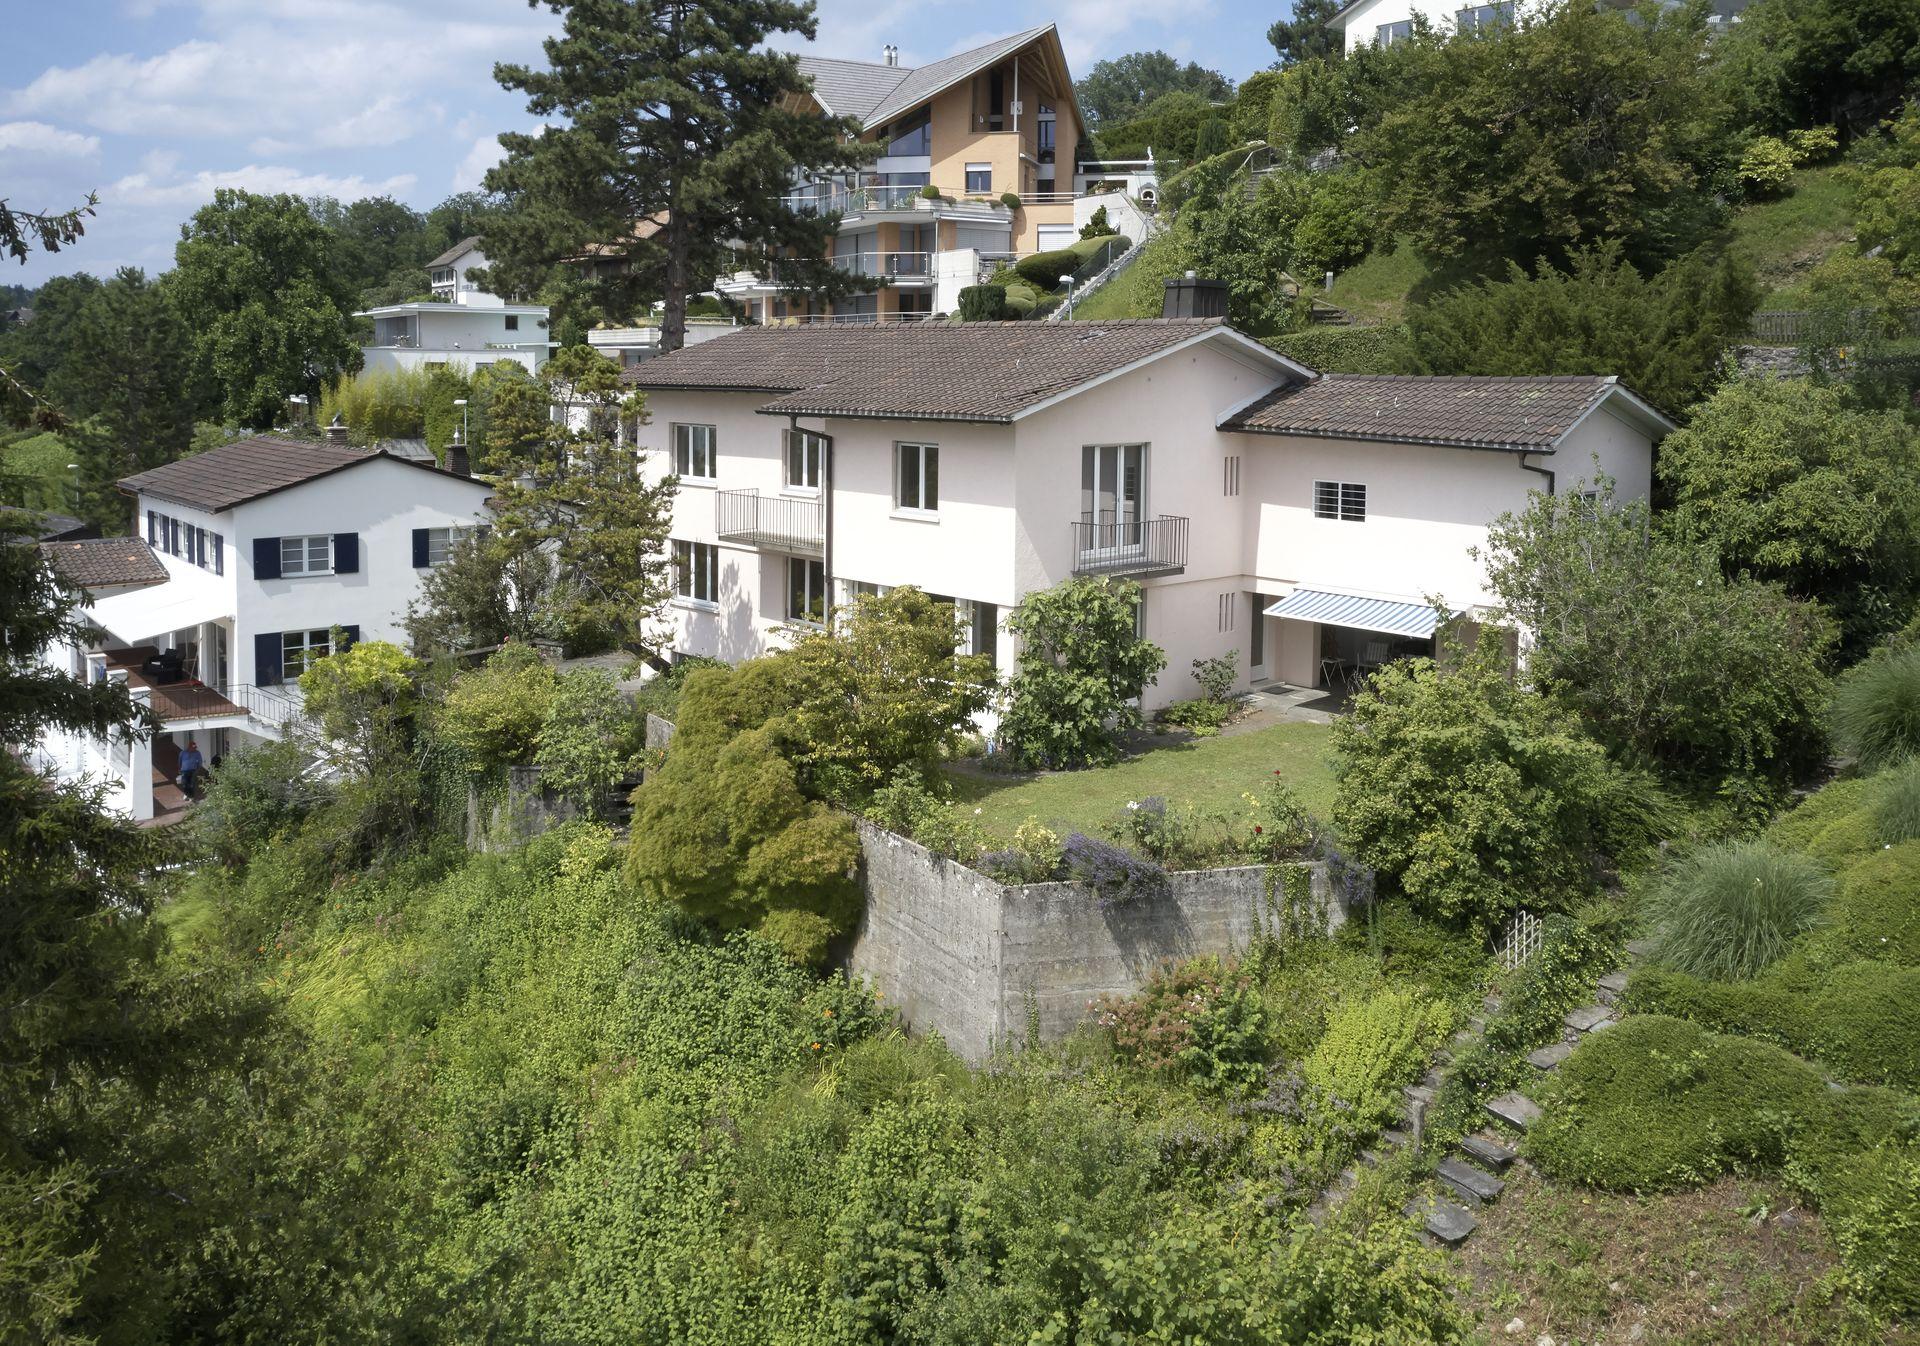 Miete: Einfamilienhaus mit wunderschönem Garten